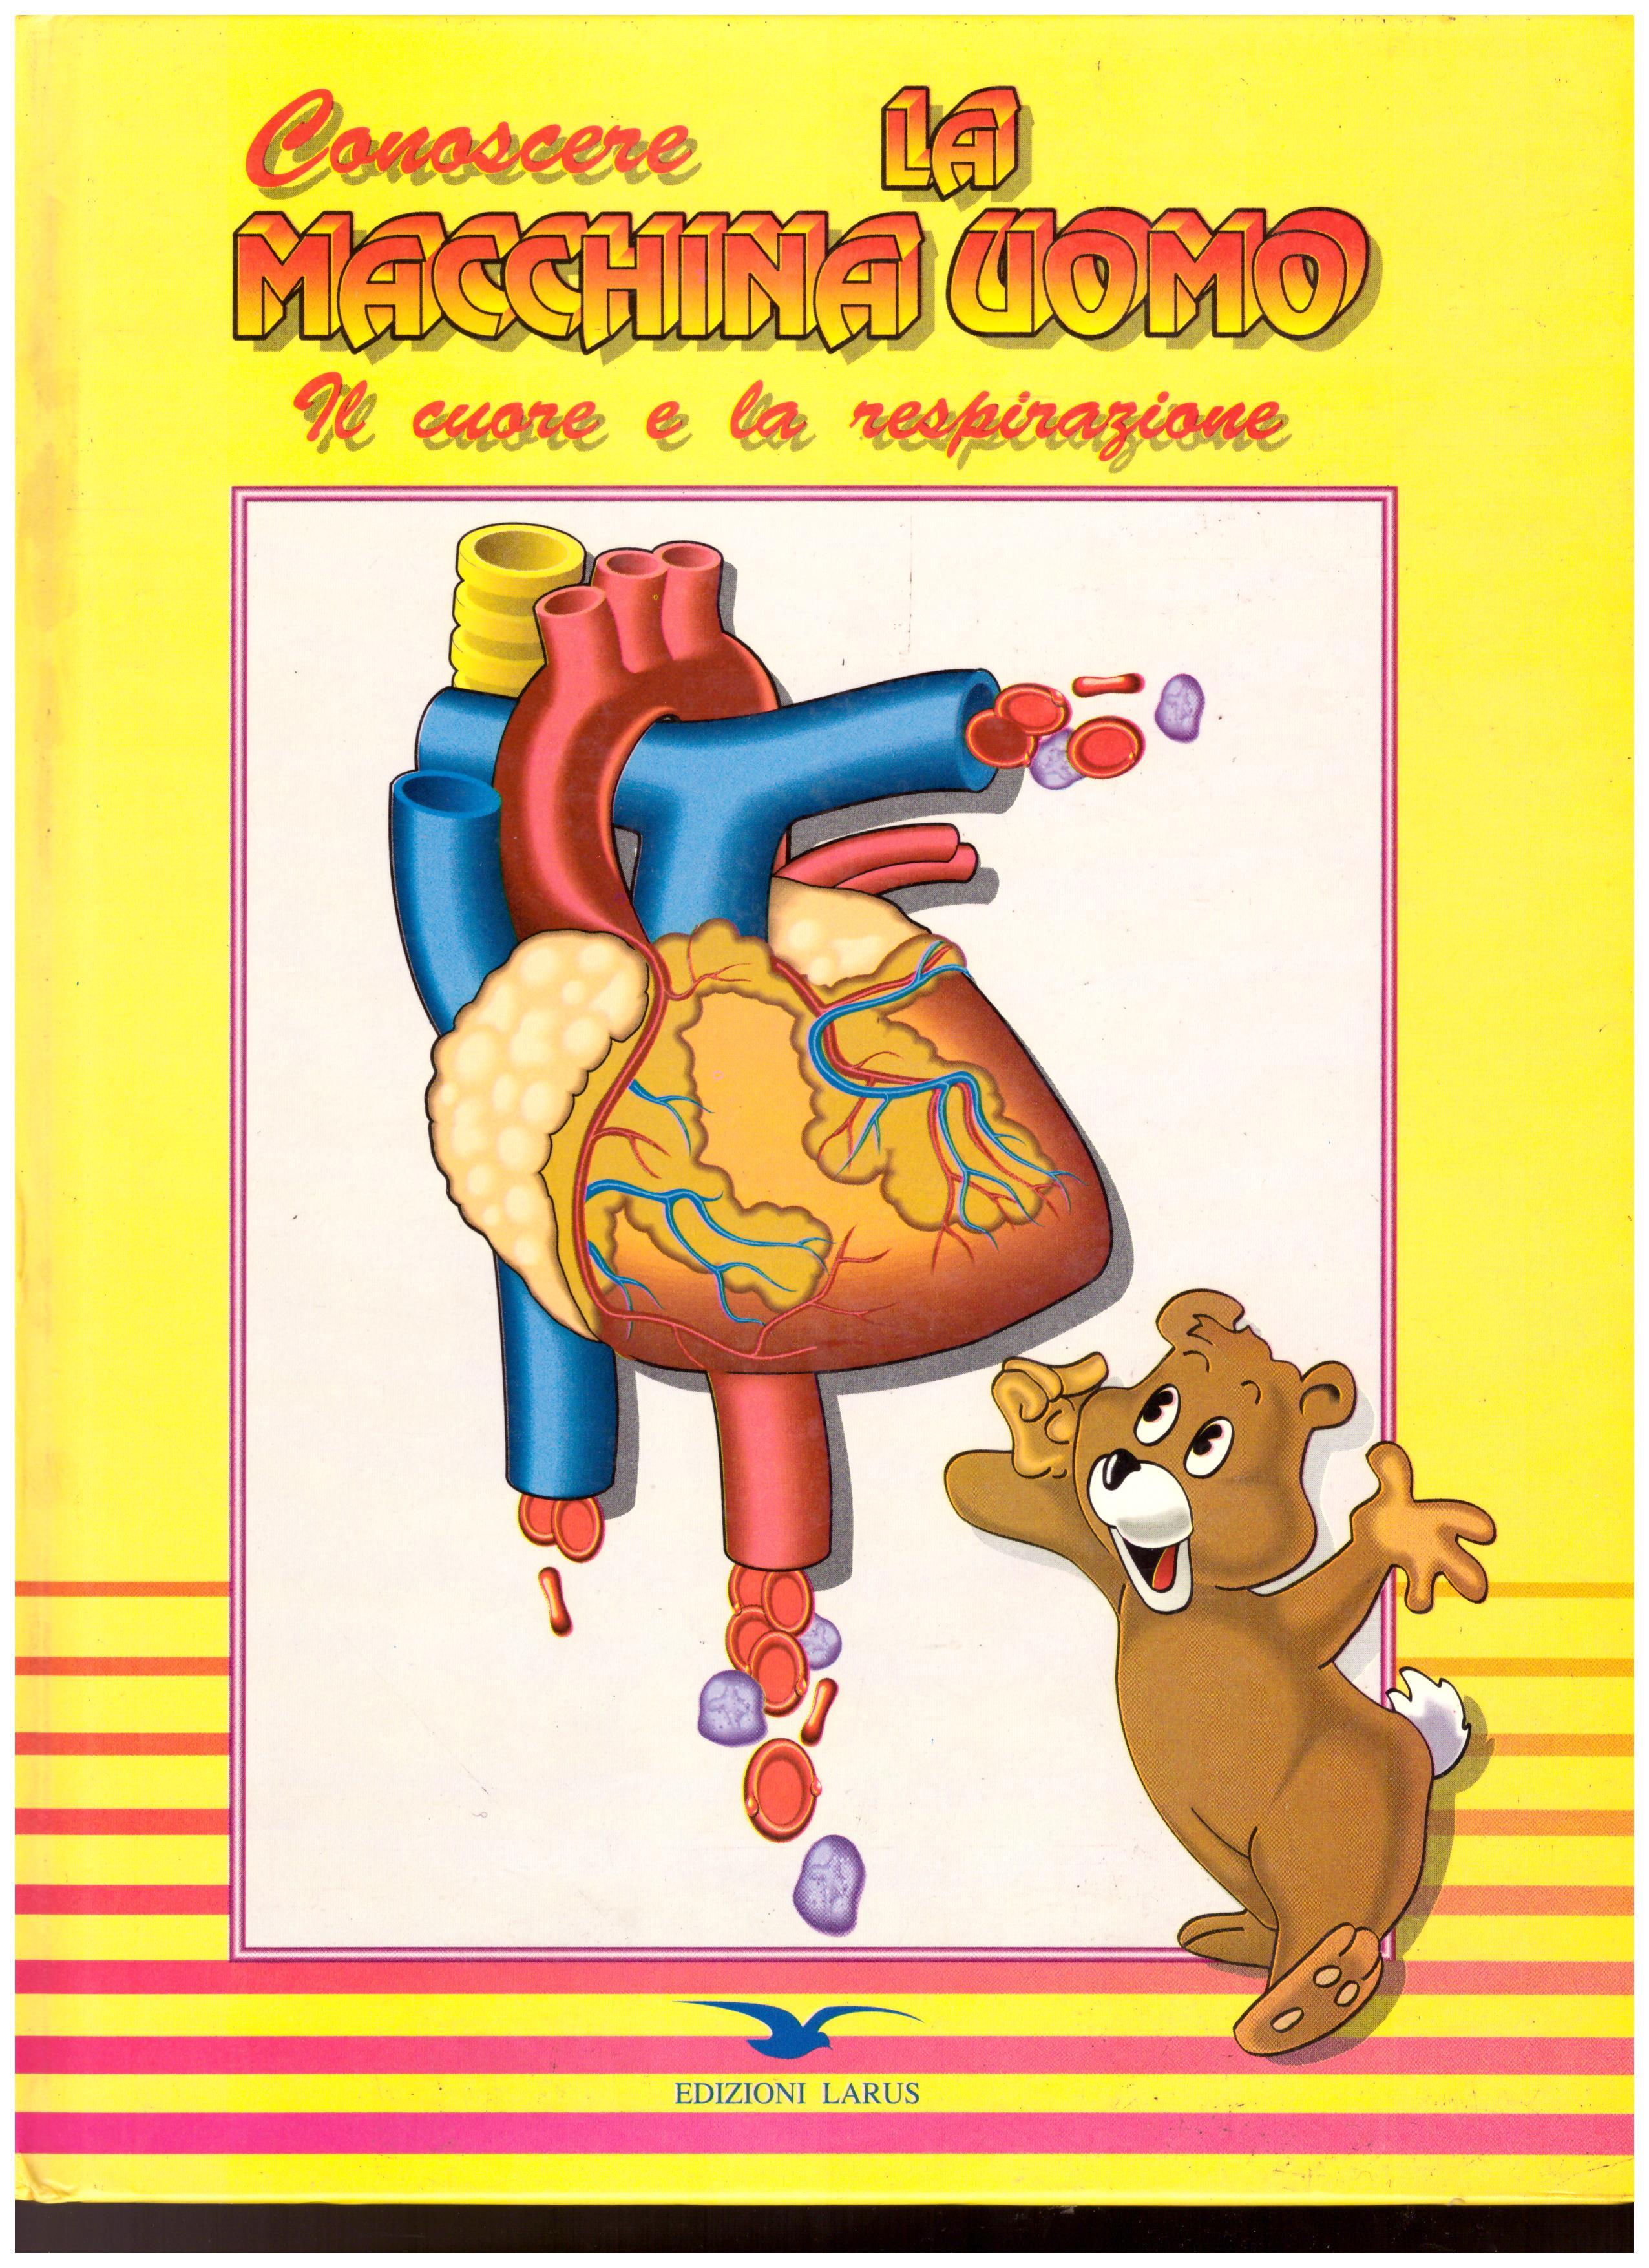 Titolo: conoscere la macchina uomo, il cuore e la respirazione     Autore: AA.VV.    Editore: Edizioni Larus